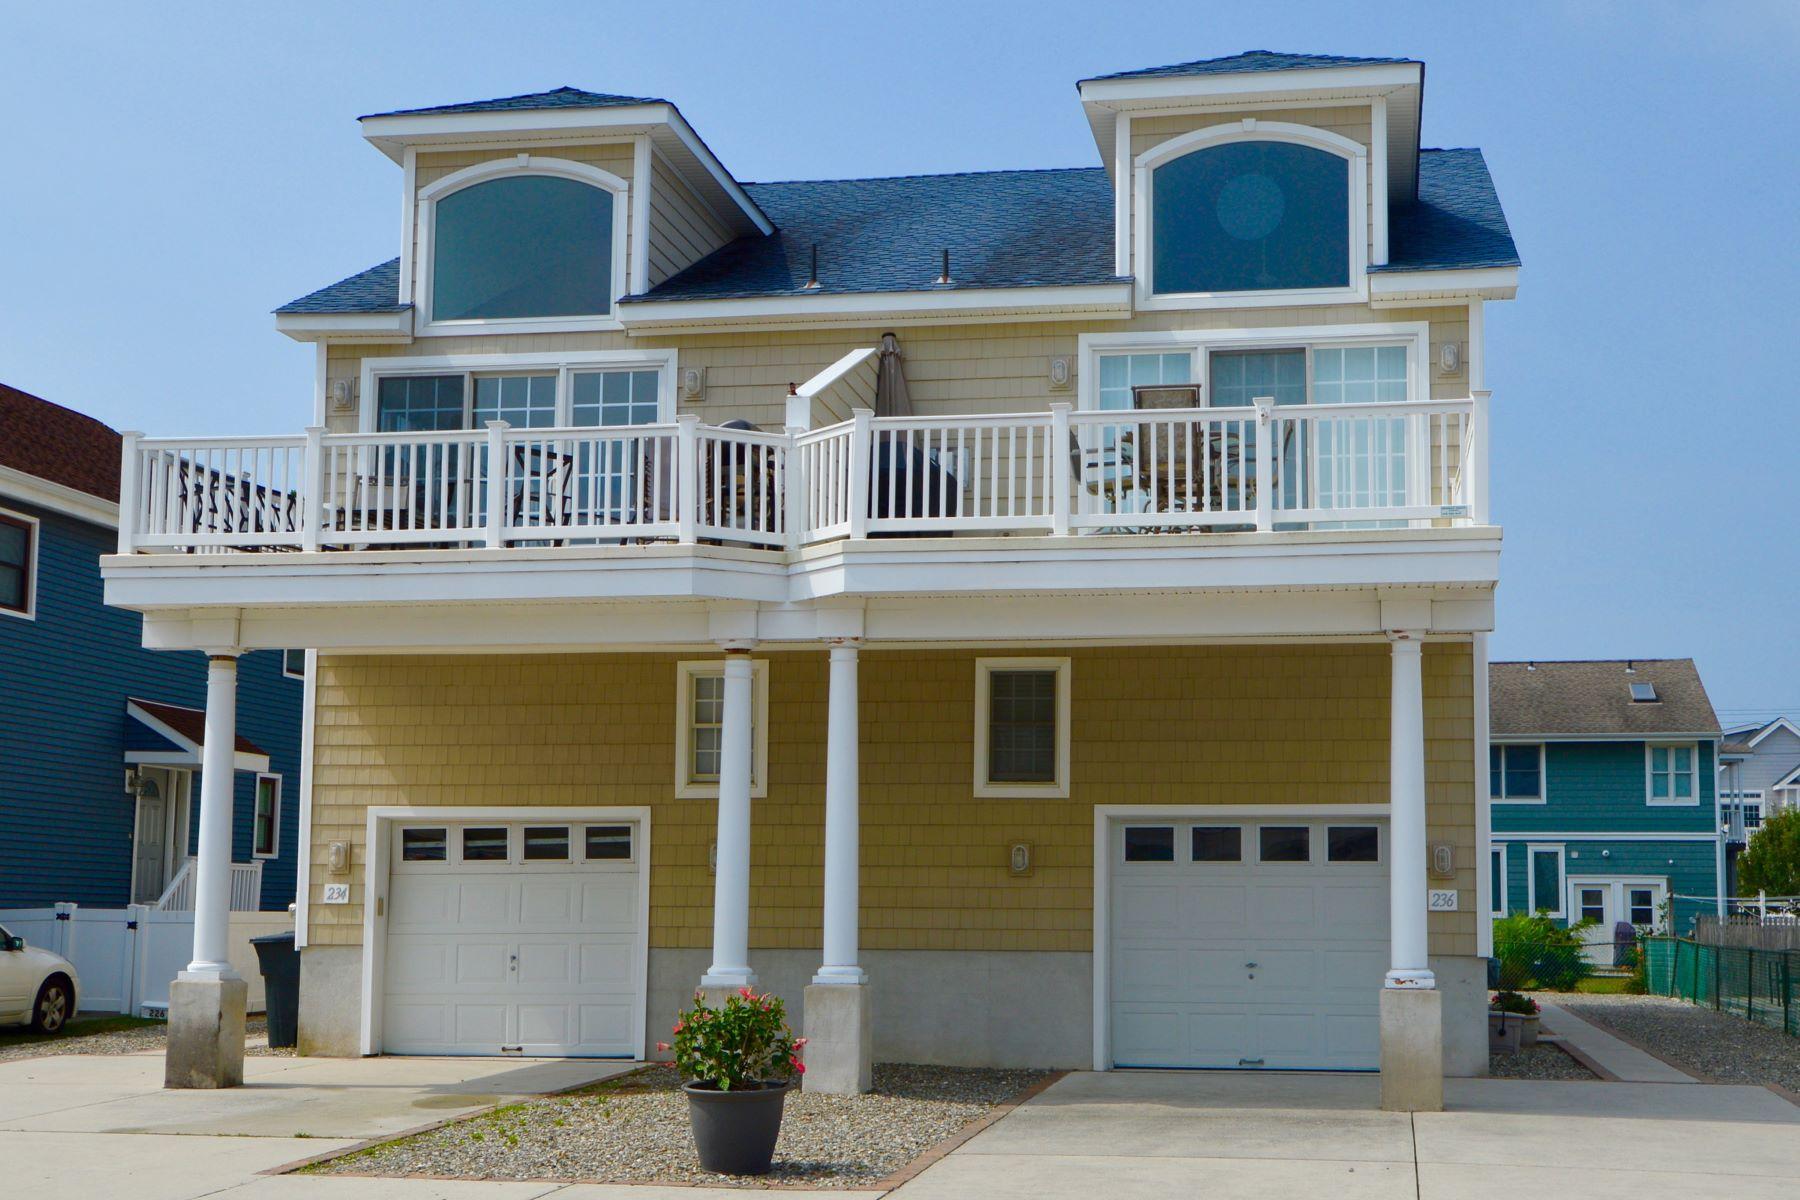 Частный односемейный дом для того Продажа на Ideal Center of Town Location 236 24th Street Avalon, Нью-Джерси 08202 Соединенные Штаты